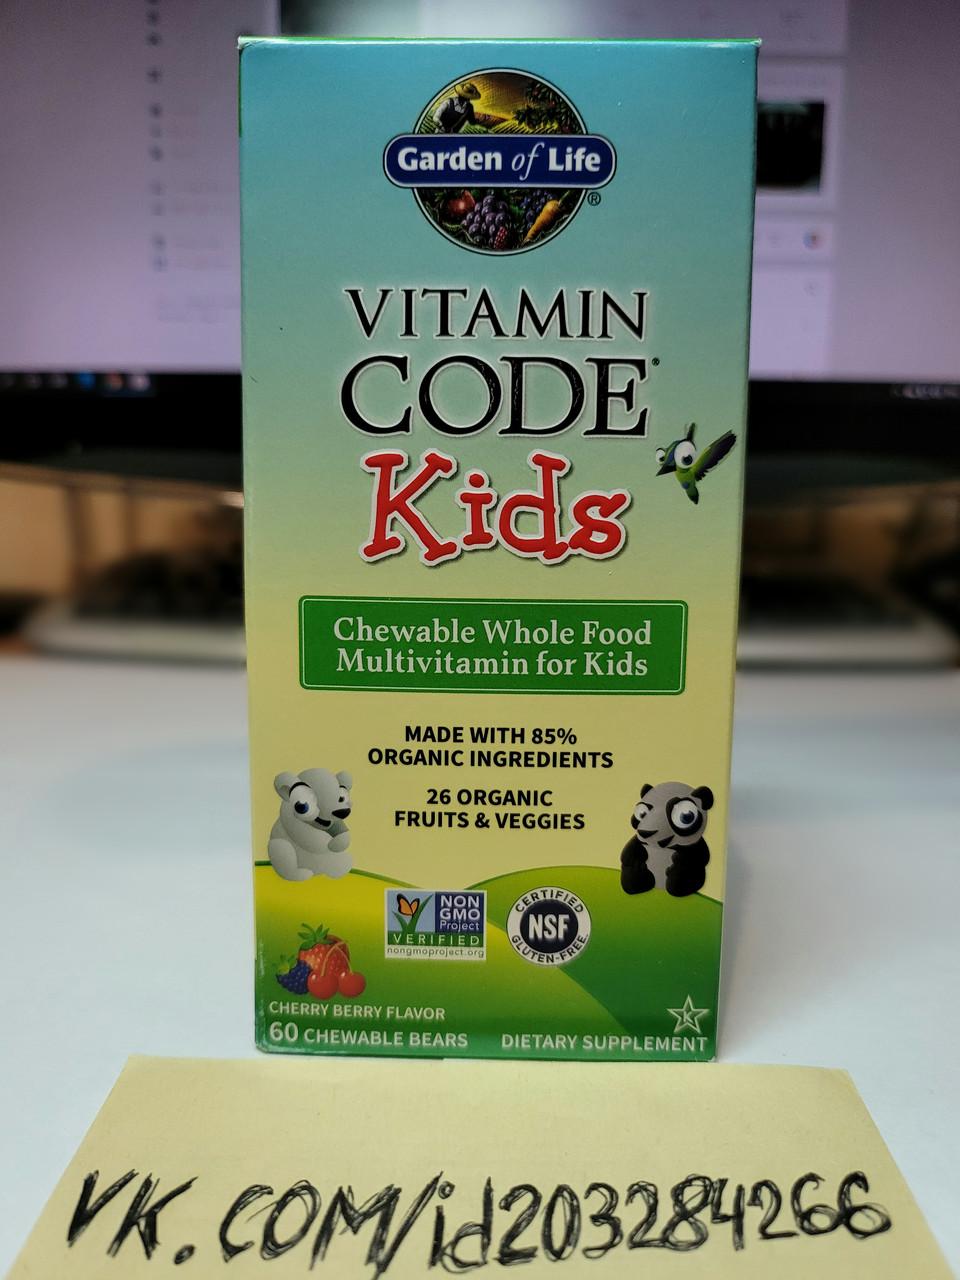 Витамины для детей Garden of Life Vitamin Code Kids 60 bears